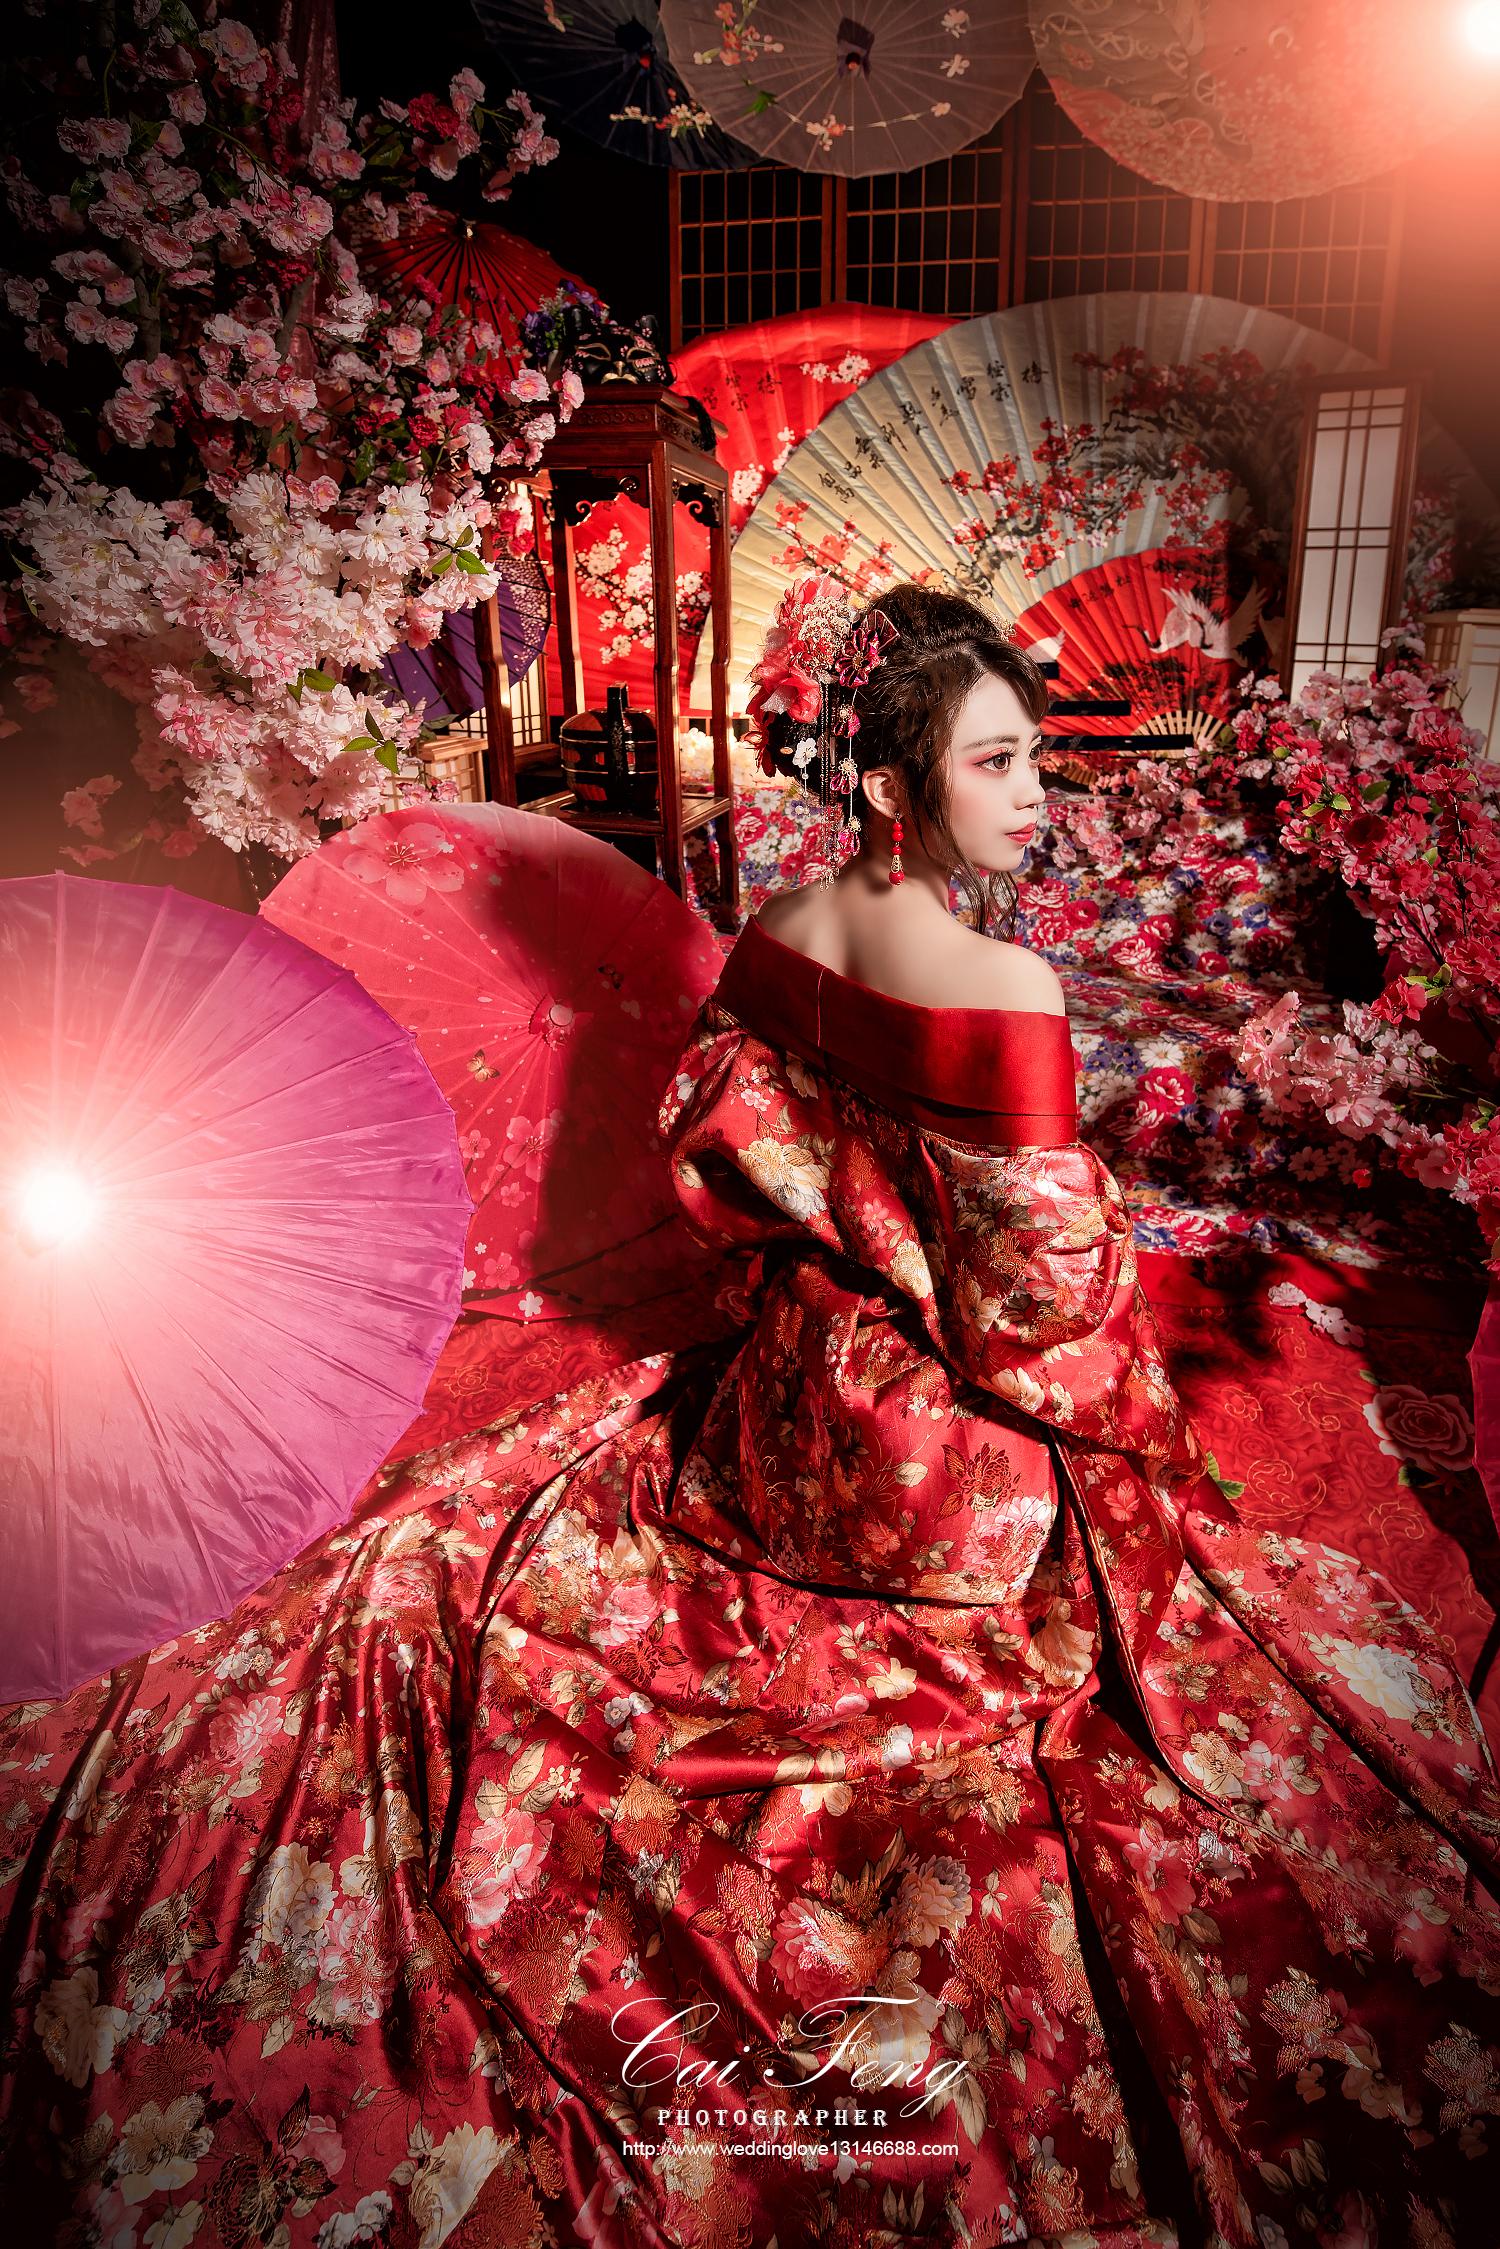 台中花魁/日本豪華花魁攝影/秀和服/個人寫真/性感寫真/藝術照/女攝影師